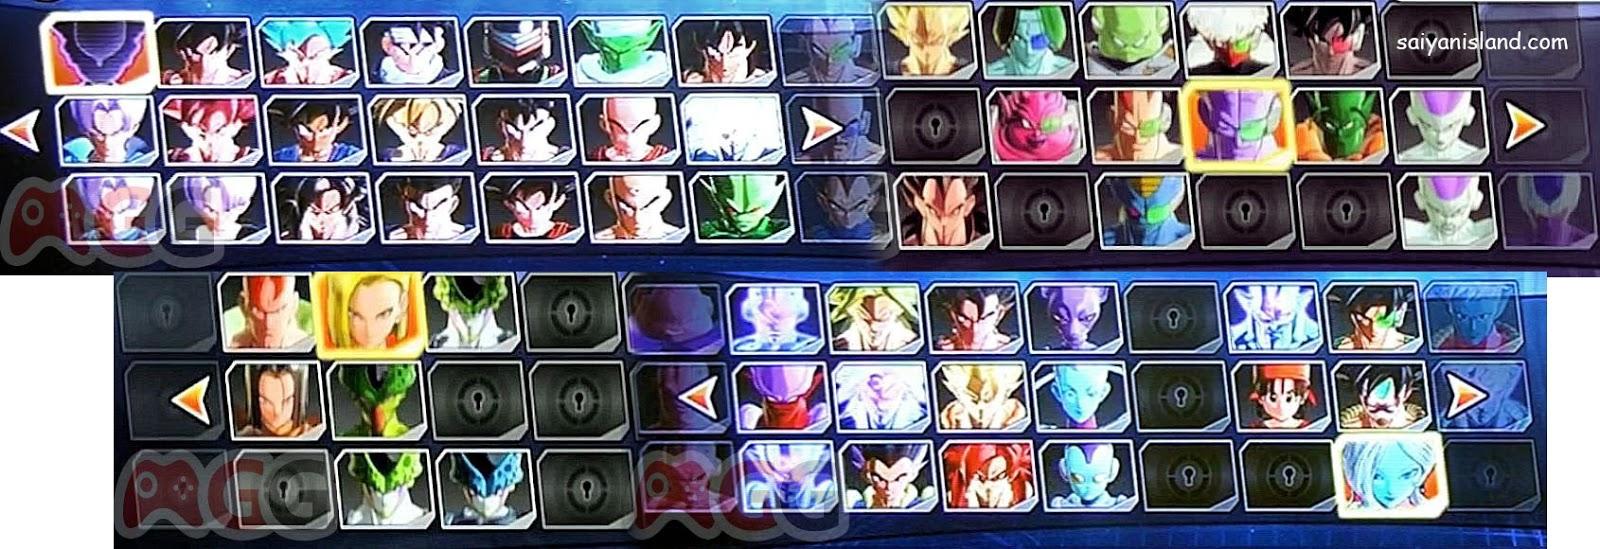 Se filtra imagen con el plantel de personajes de Dragon Ball Xenoverse 2